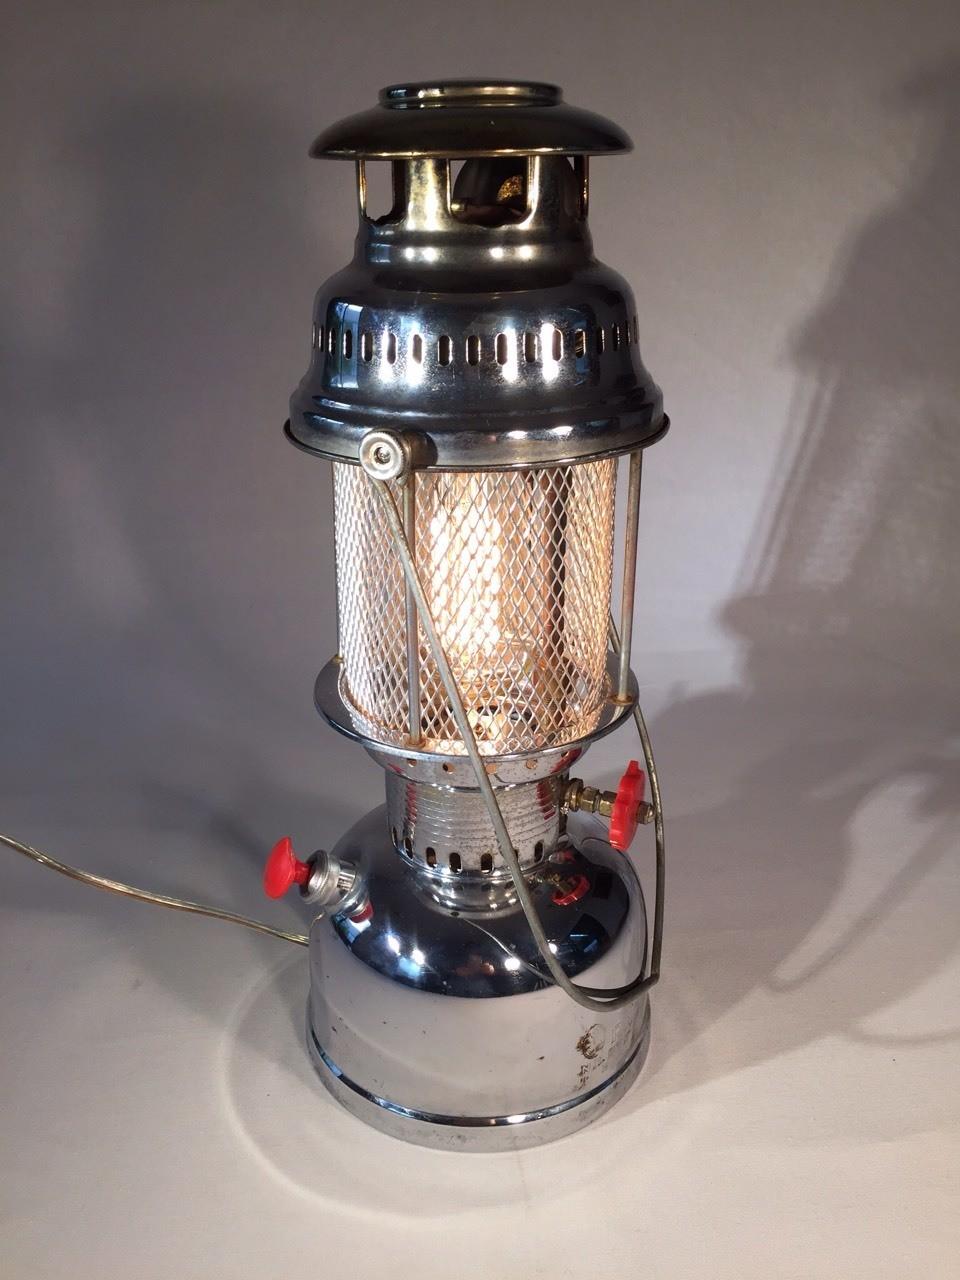 Tribeca Vintage Goods & Lamps Artículos, muebles y Lámparas con historia estilo Vintage, Retro, Antiguo, Industrial Diseñadas y Restauradas Artesanalmente, con alta calidad y detalle, usando lo último en tecnología, asegurando la combinación ideal de Arte, funcionalidad, buen gusto y economía en el consumo de Energía, a un precio accesible. Porque comprar una lámpara aburrida de serie, en cualquier tienda, cuando puedes adquirir una lámpara divertida con carácter, historia y diseño único. En Tribeca tenemos una selección de Artículos decorativos, Muebles y lámparas que aportaran ese toque creativo vintage que será por si un excelente tema de conversación en tus reuniones. Ideales para decorar y ambientar Restaurantes, cafeterías, bares, tiendas, oficinas, estudios, recamaras, salas, comedores etc. Todas nuestras lámparas, son únicas e irrepetibles y son elaboradas a partir de piezas que en algún momento de su historia fueron de uso común pero que ahora son de un gran valor por su rareza, material y diseño, además al comprarlas estas contribuyendo a mejorar medio ambiente porque les estas dando una segunda oportunidad de servir, extendiendo su vida útil. Si tienes algún objeto de valor sentimental que quieras convertir en lámpara nosotros hacemos de tu idea una realidad.